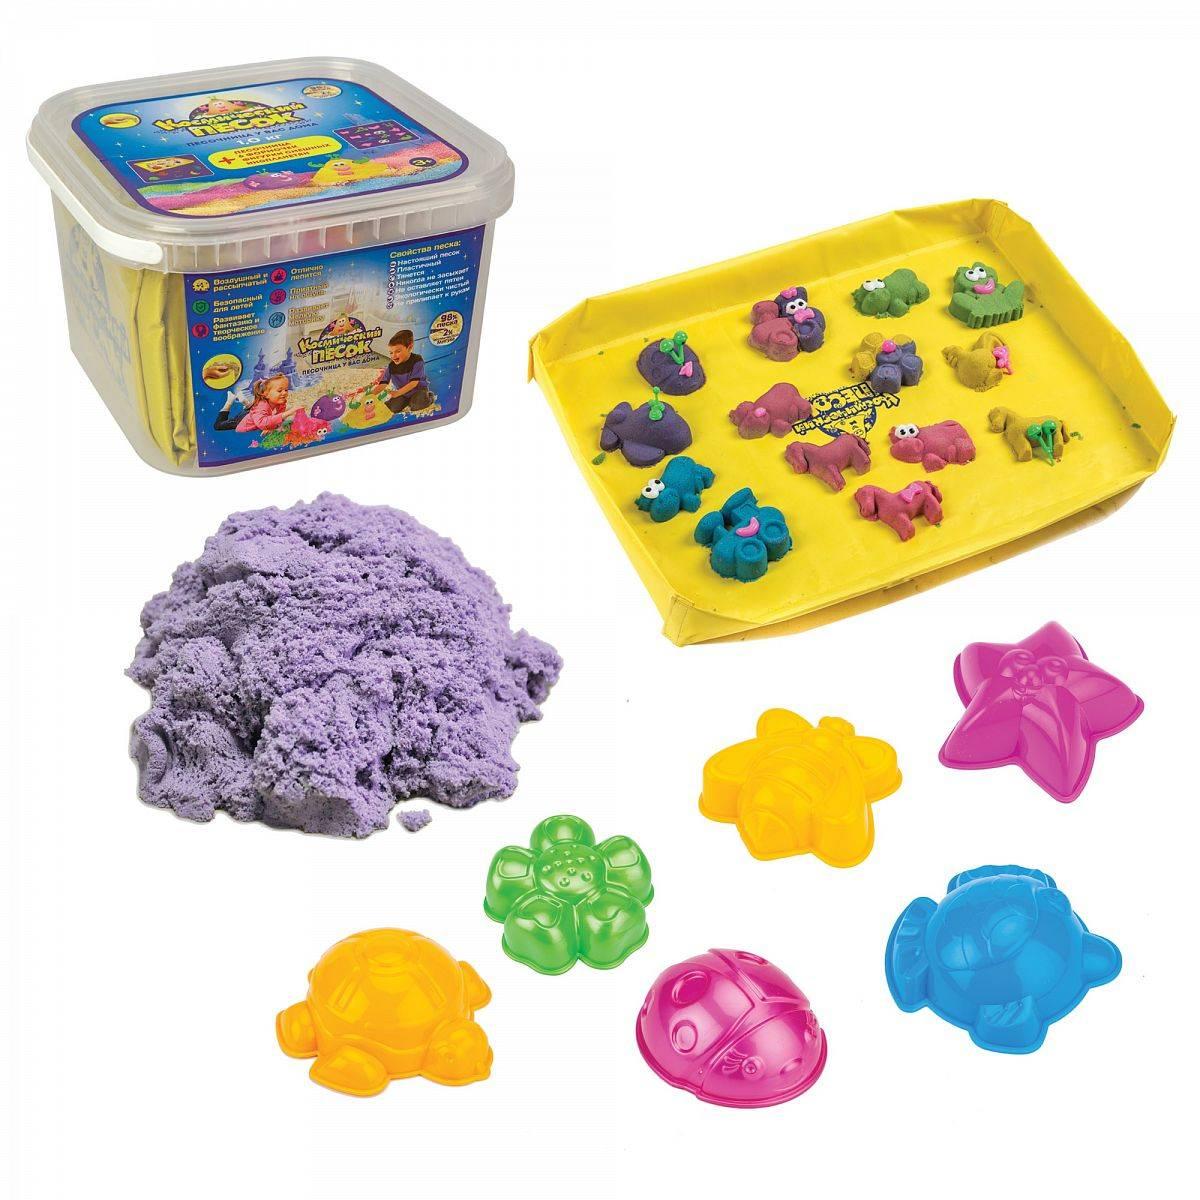 Кинетический песок для детей – как выбрать, как сделать самостоятельно